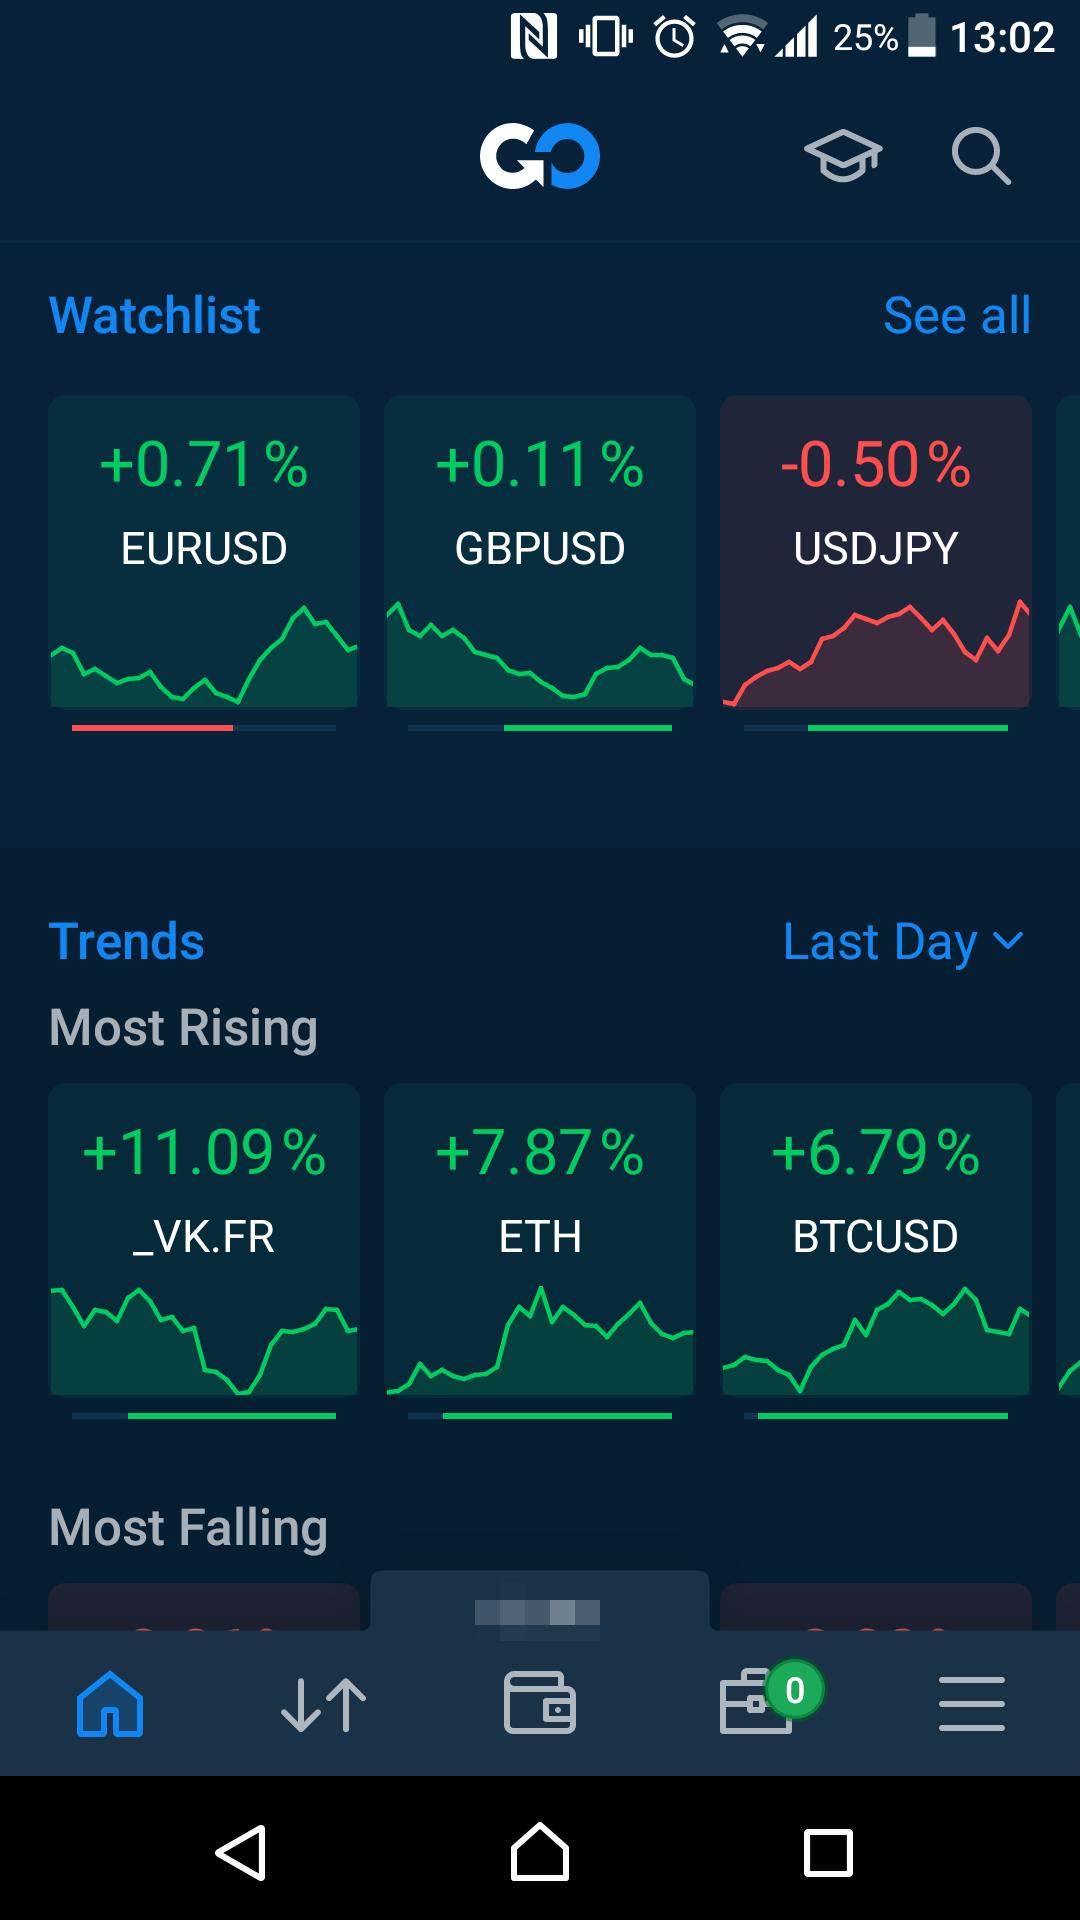 AvaTrade review - Mobile trading platform